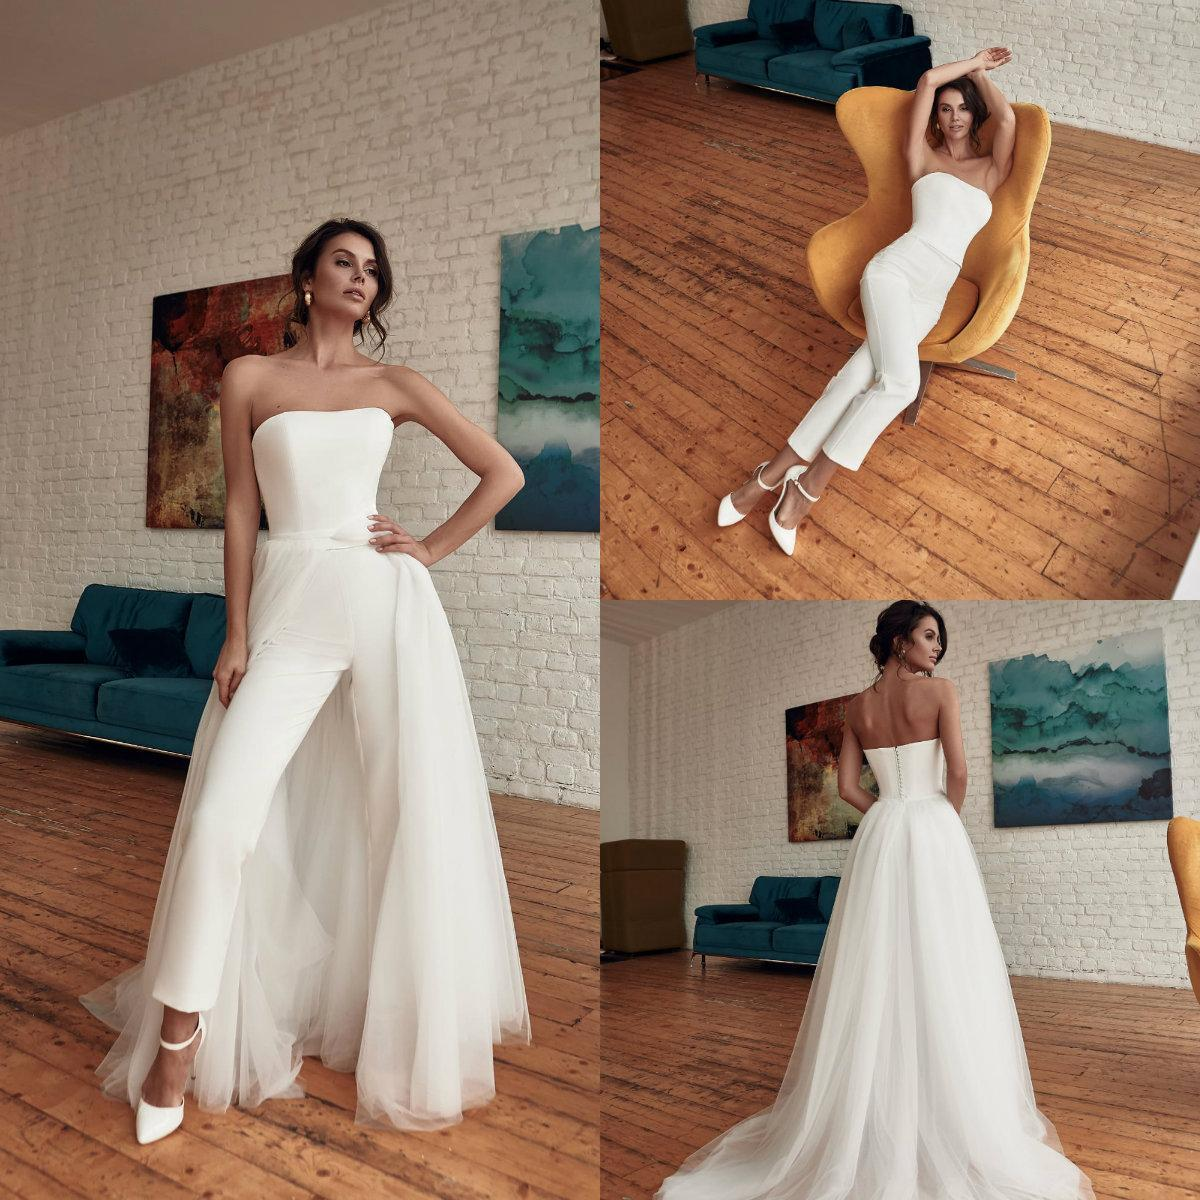 Moderne Frauen-Overall Brautkleider mit Tüll overskirts Strapless Braut Brautkleider Hosen-Anzugs-formales Kleid